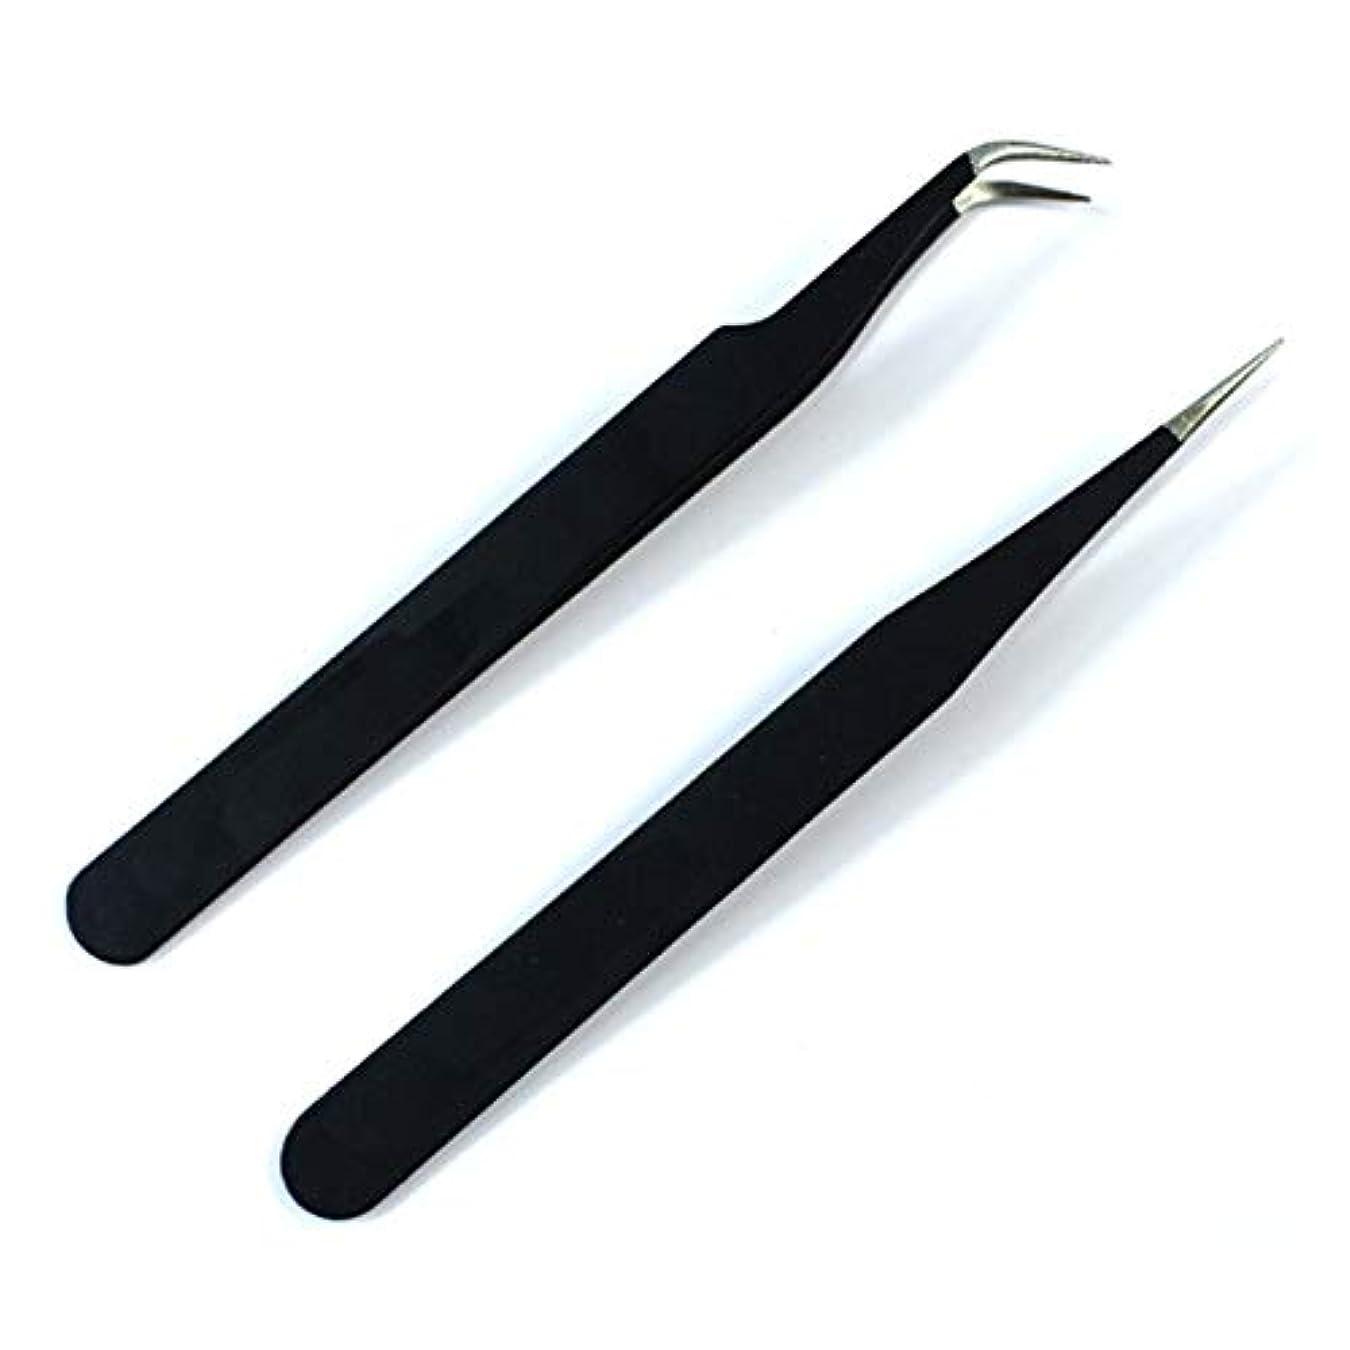 重要性シュガーほのめかすネイルツールネイルピンセットネイル型ステンレス肘ストレートヘッドピンセット丈夫なネイルピンセット(ブラック)